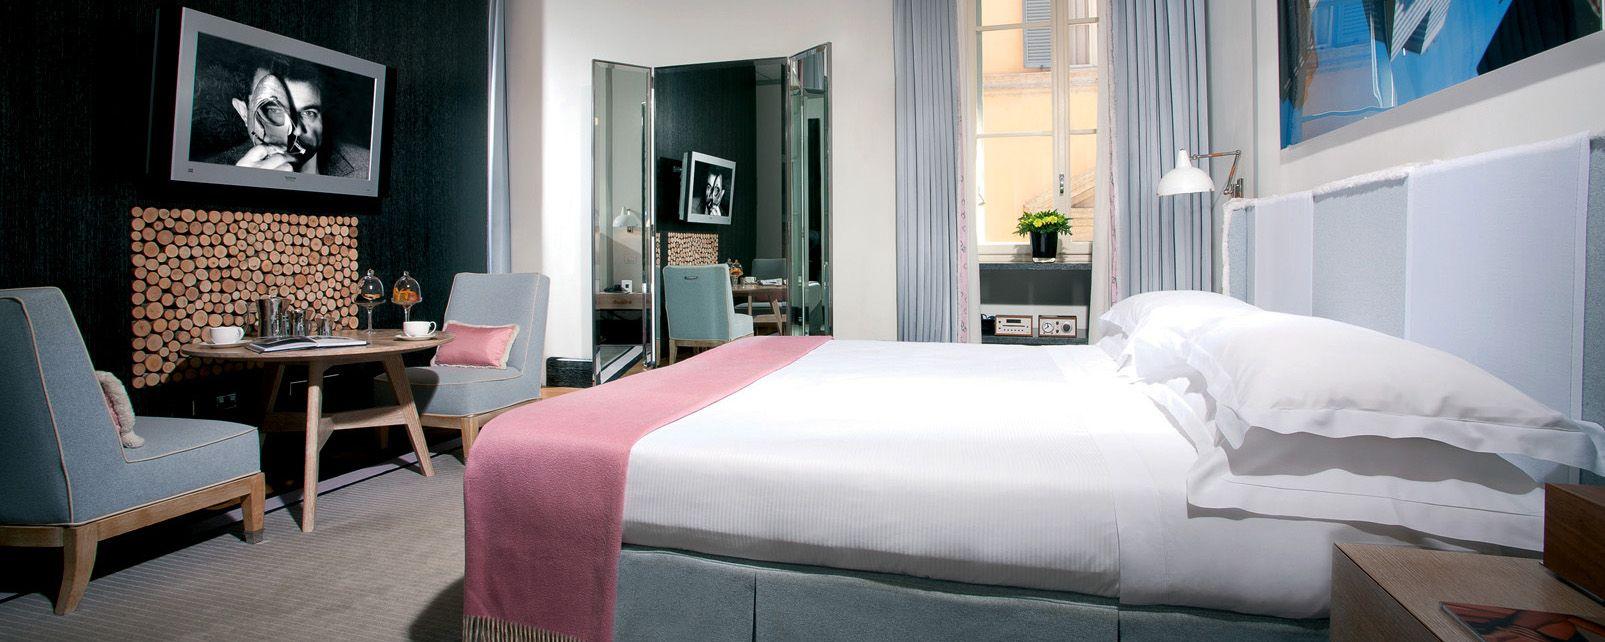 Hôtel Portrait Suites Rome